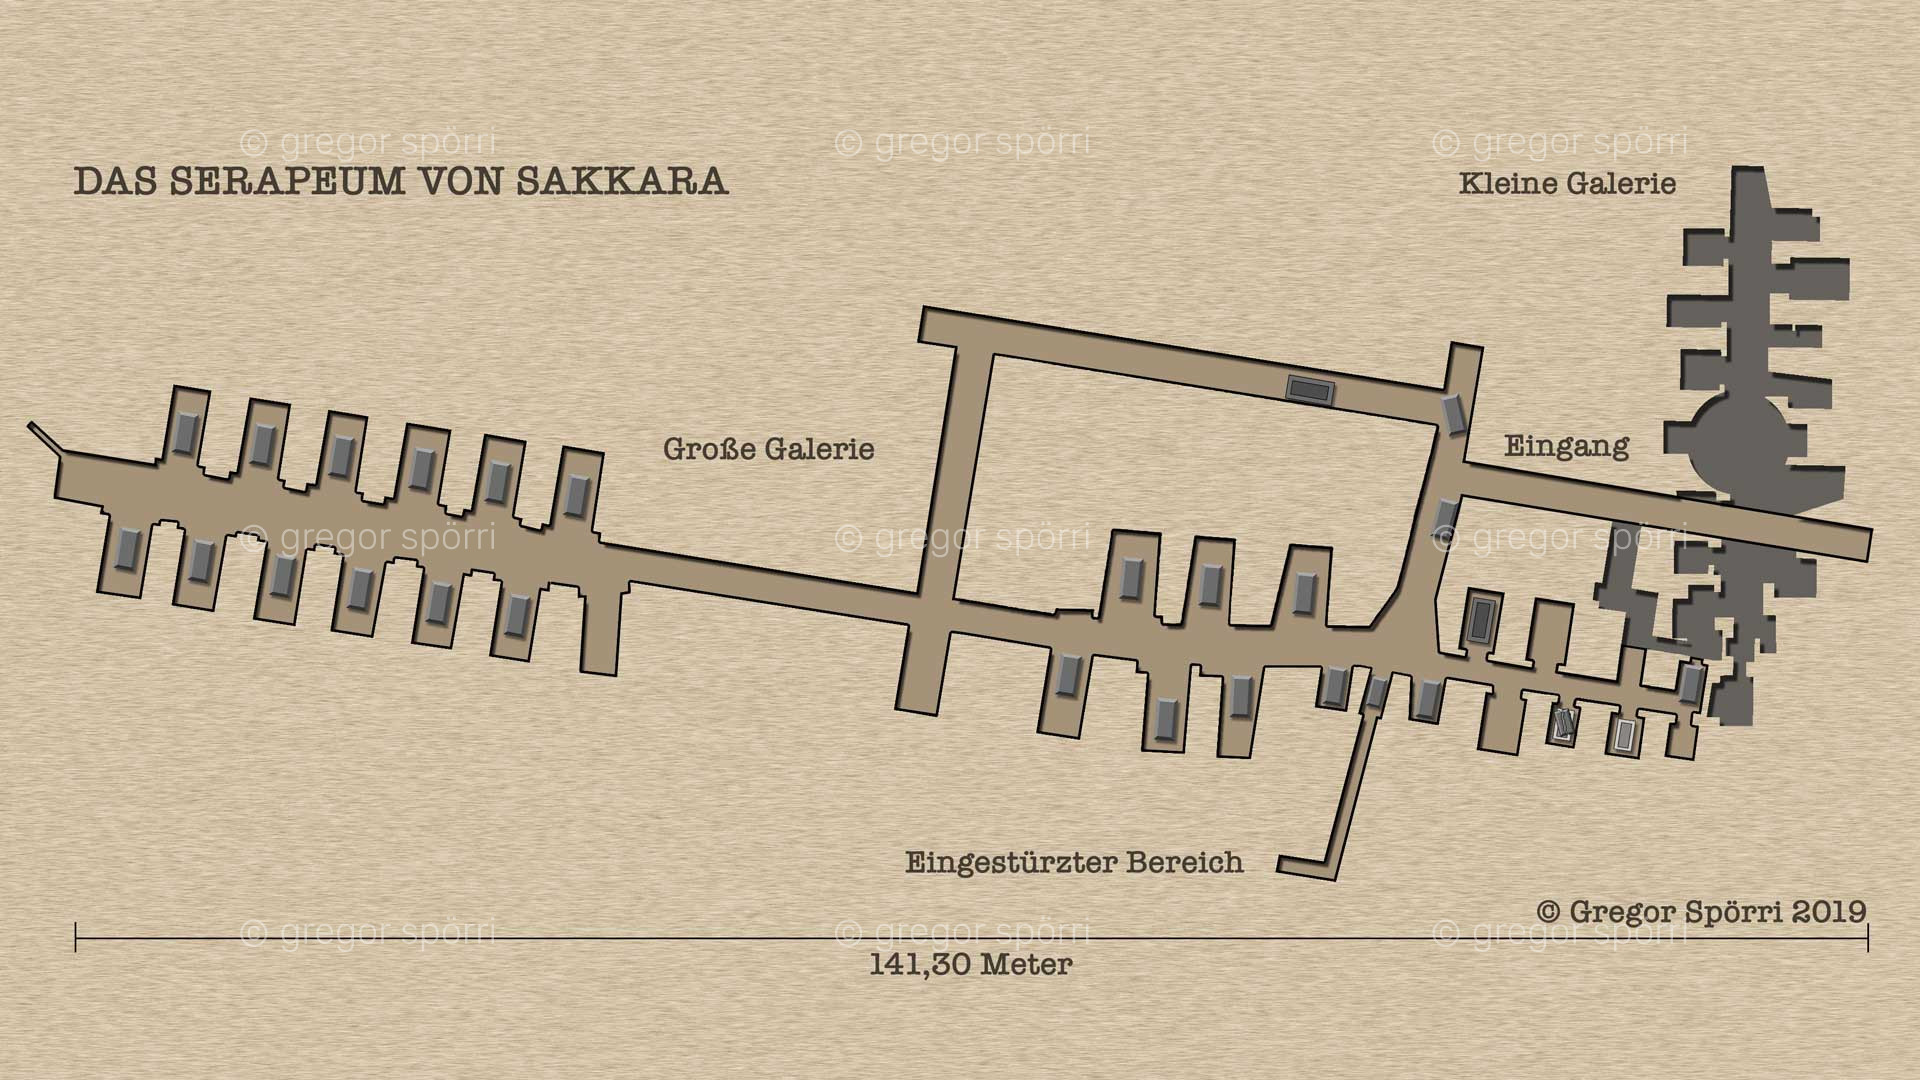 Serapeum Sakkara: Illustration, Grundriss-Plan, Map der unterirdischen Nekropole.